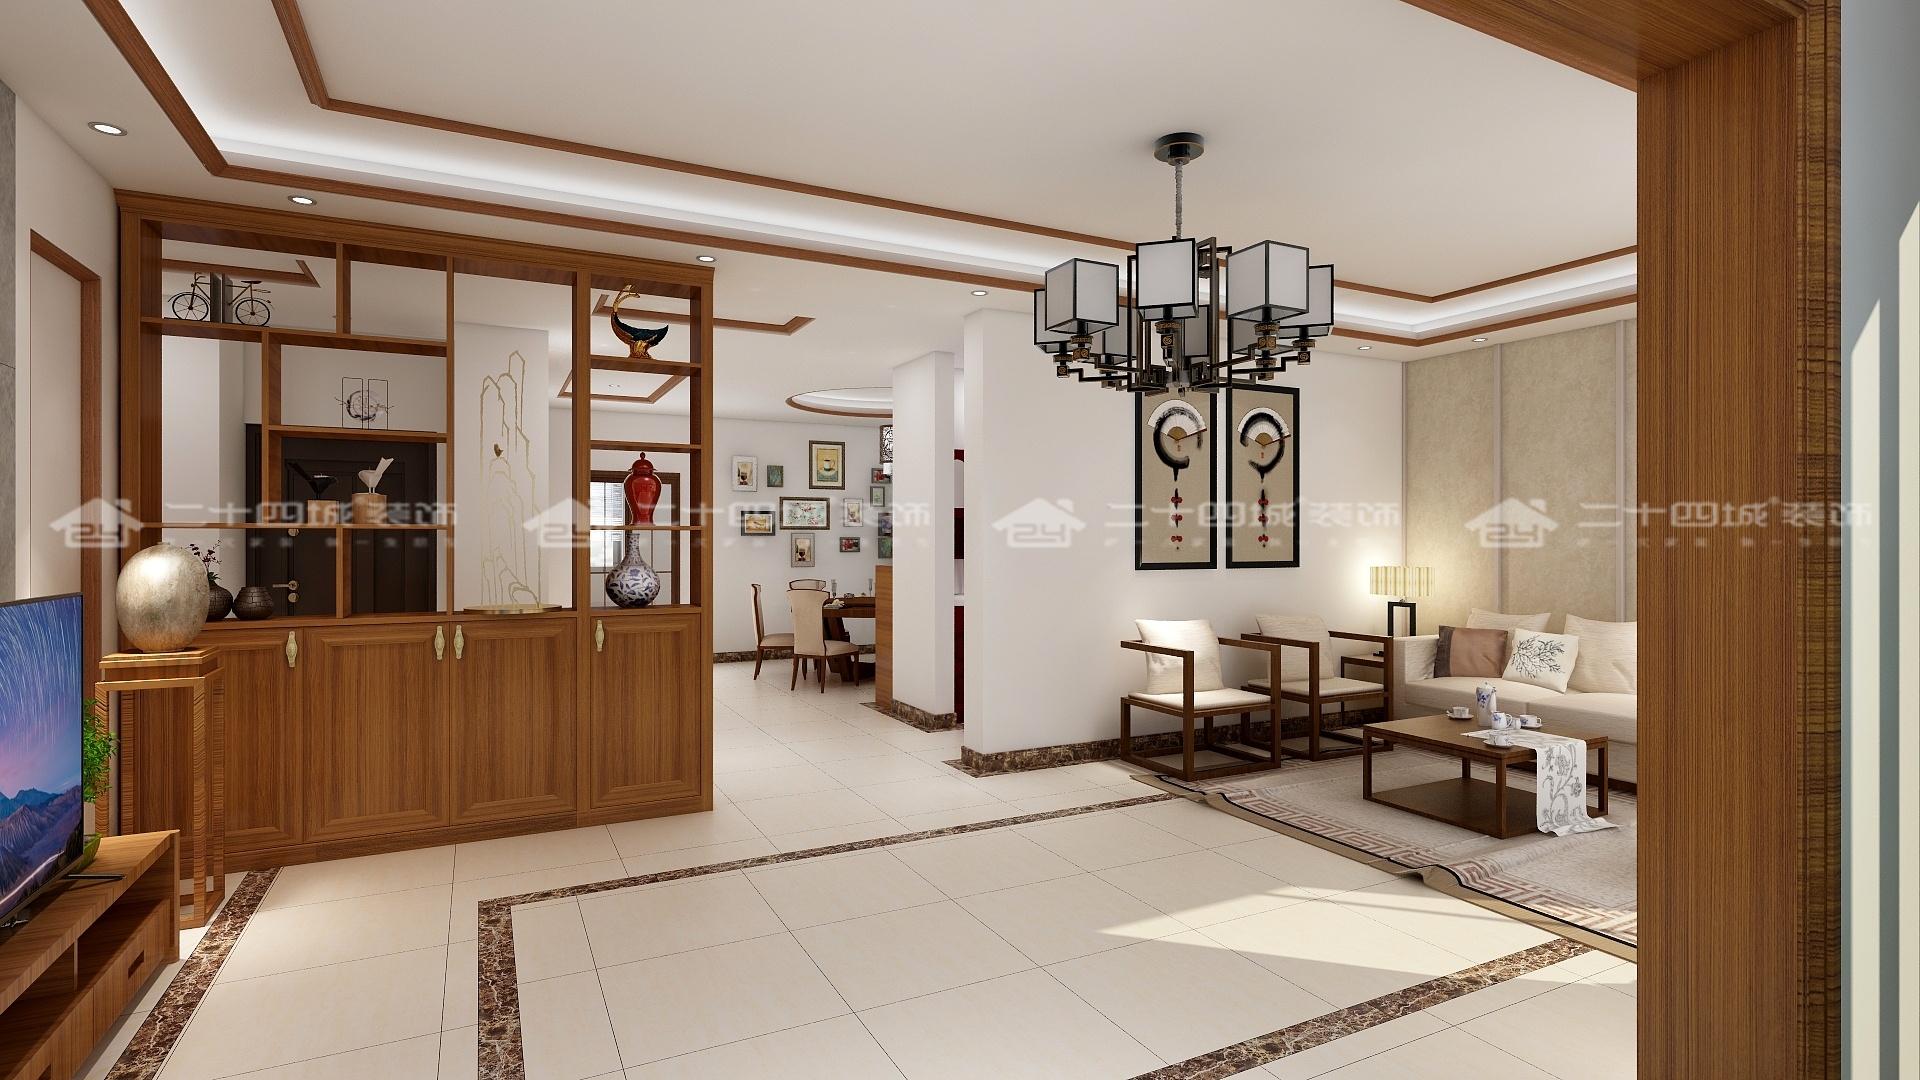 中式 中式古韵 传统 温馨 新中式 新中式古典 舒适 小资 混搭 客厅图片来自二十四城装饰(集团)昆明公司在斗南花田国际  中式的分享